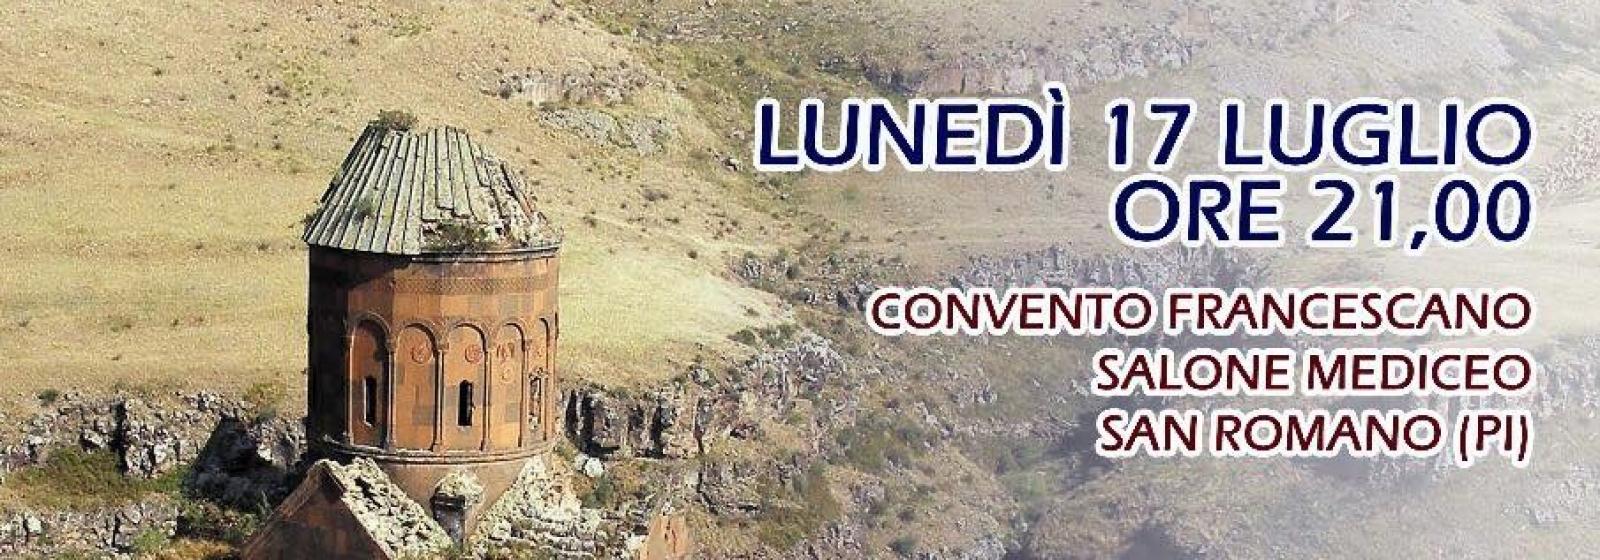 La Chiesa Cattolica in Turchia: antiche radici e nuove sfide